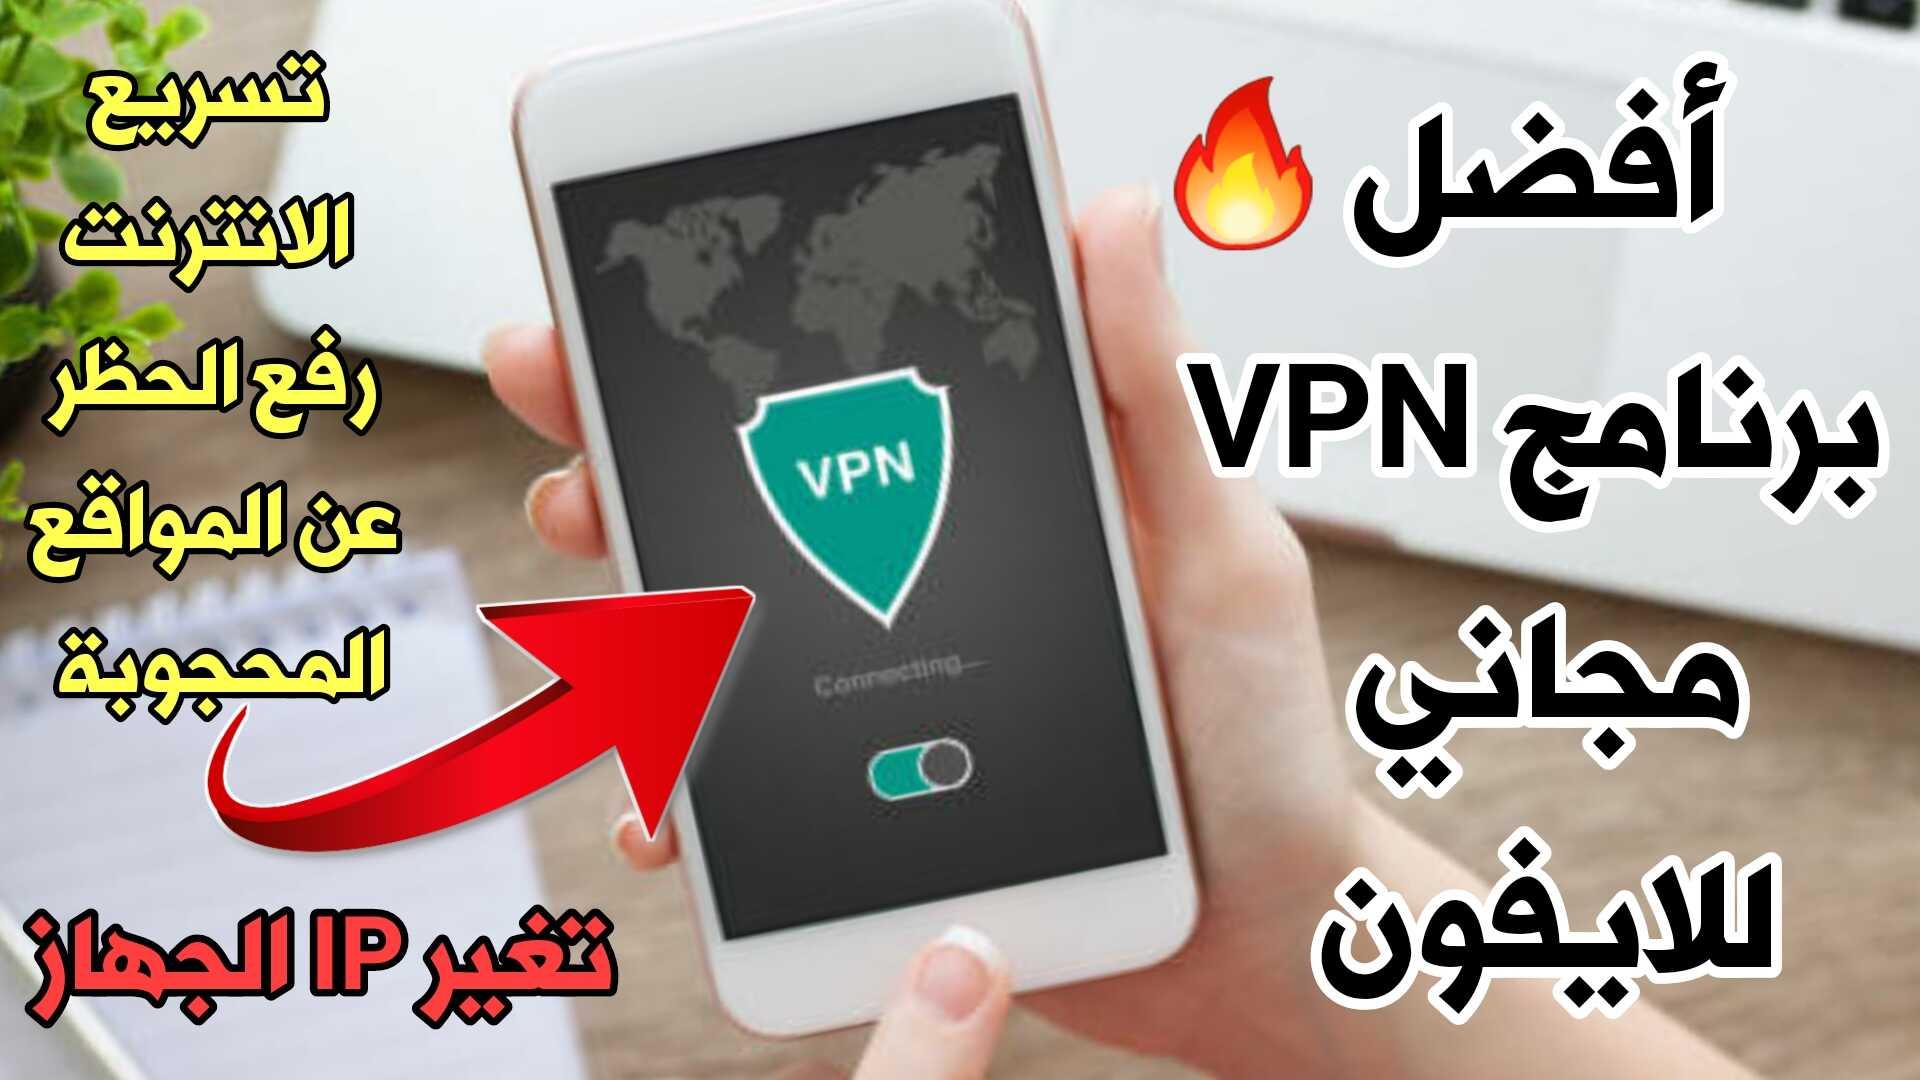 أفضل برنامج Vpn للايفون تسريع الانترنت وفتح الحظر عن المواقع المحجوبة مدونة المطور للمعلوماتية